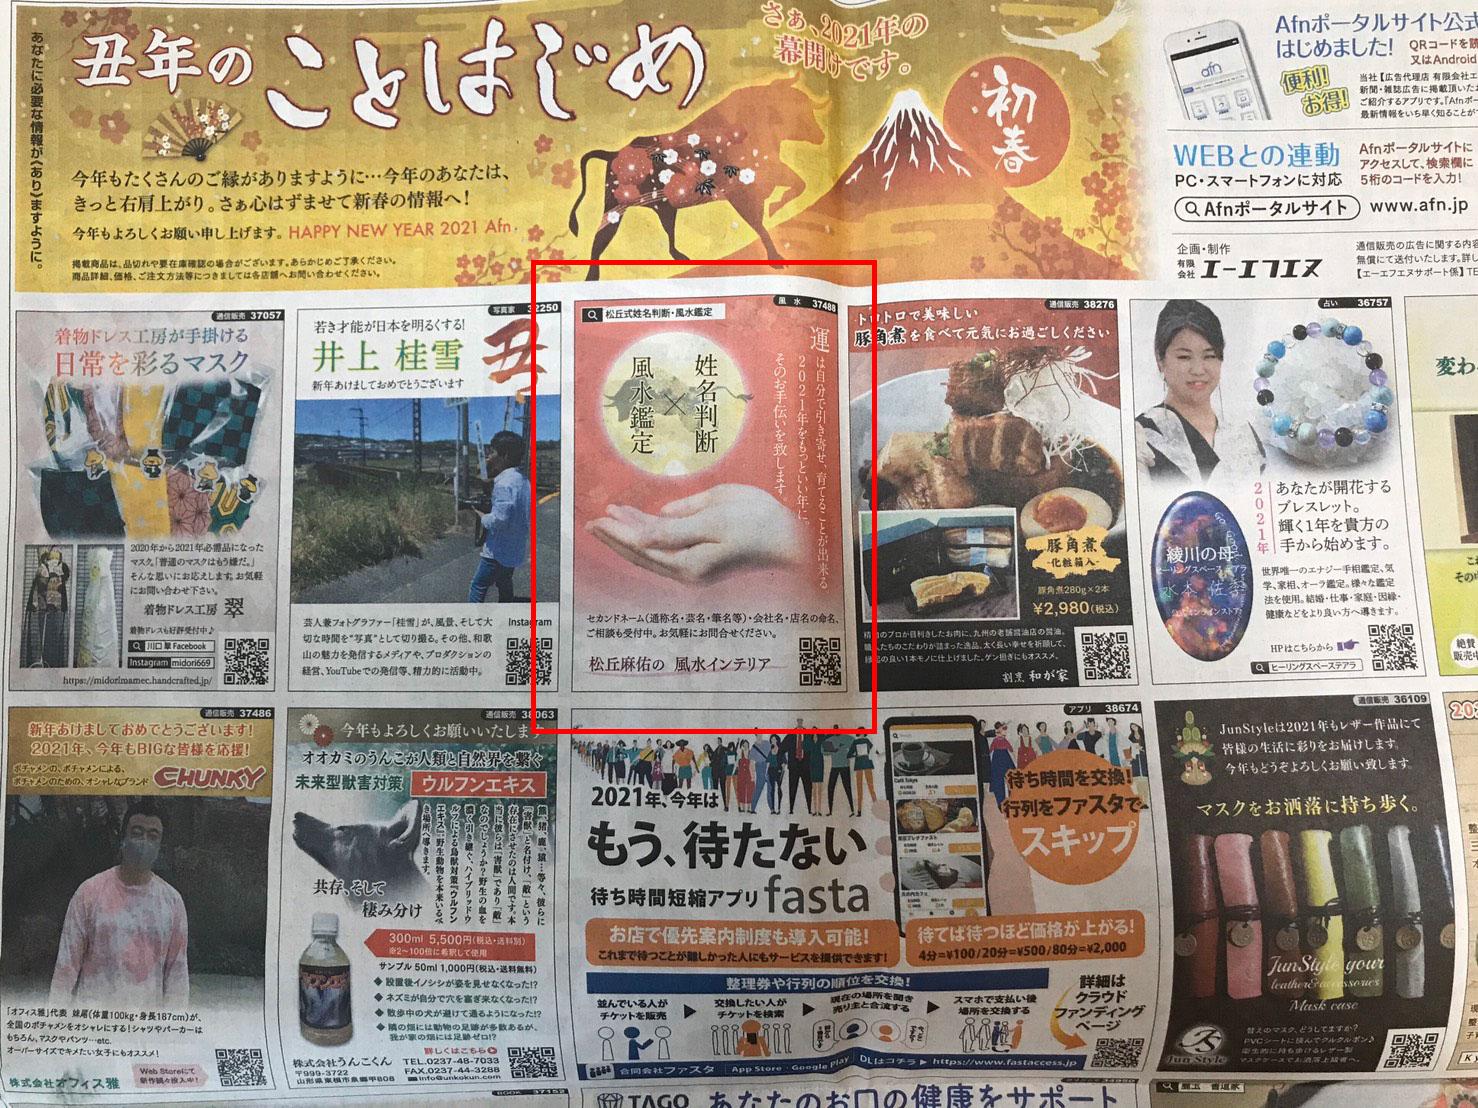 スポニチ(2021年1月8日【金】)九州、山口、鳥取地区に掲載されました